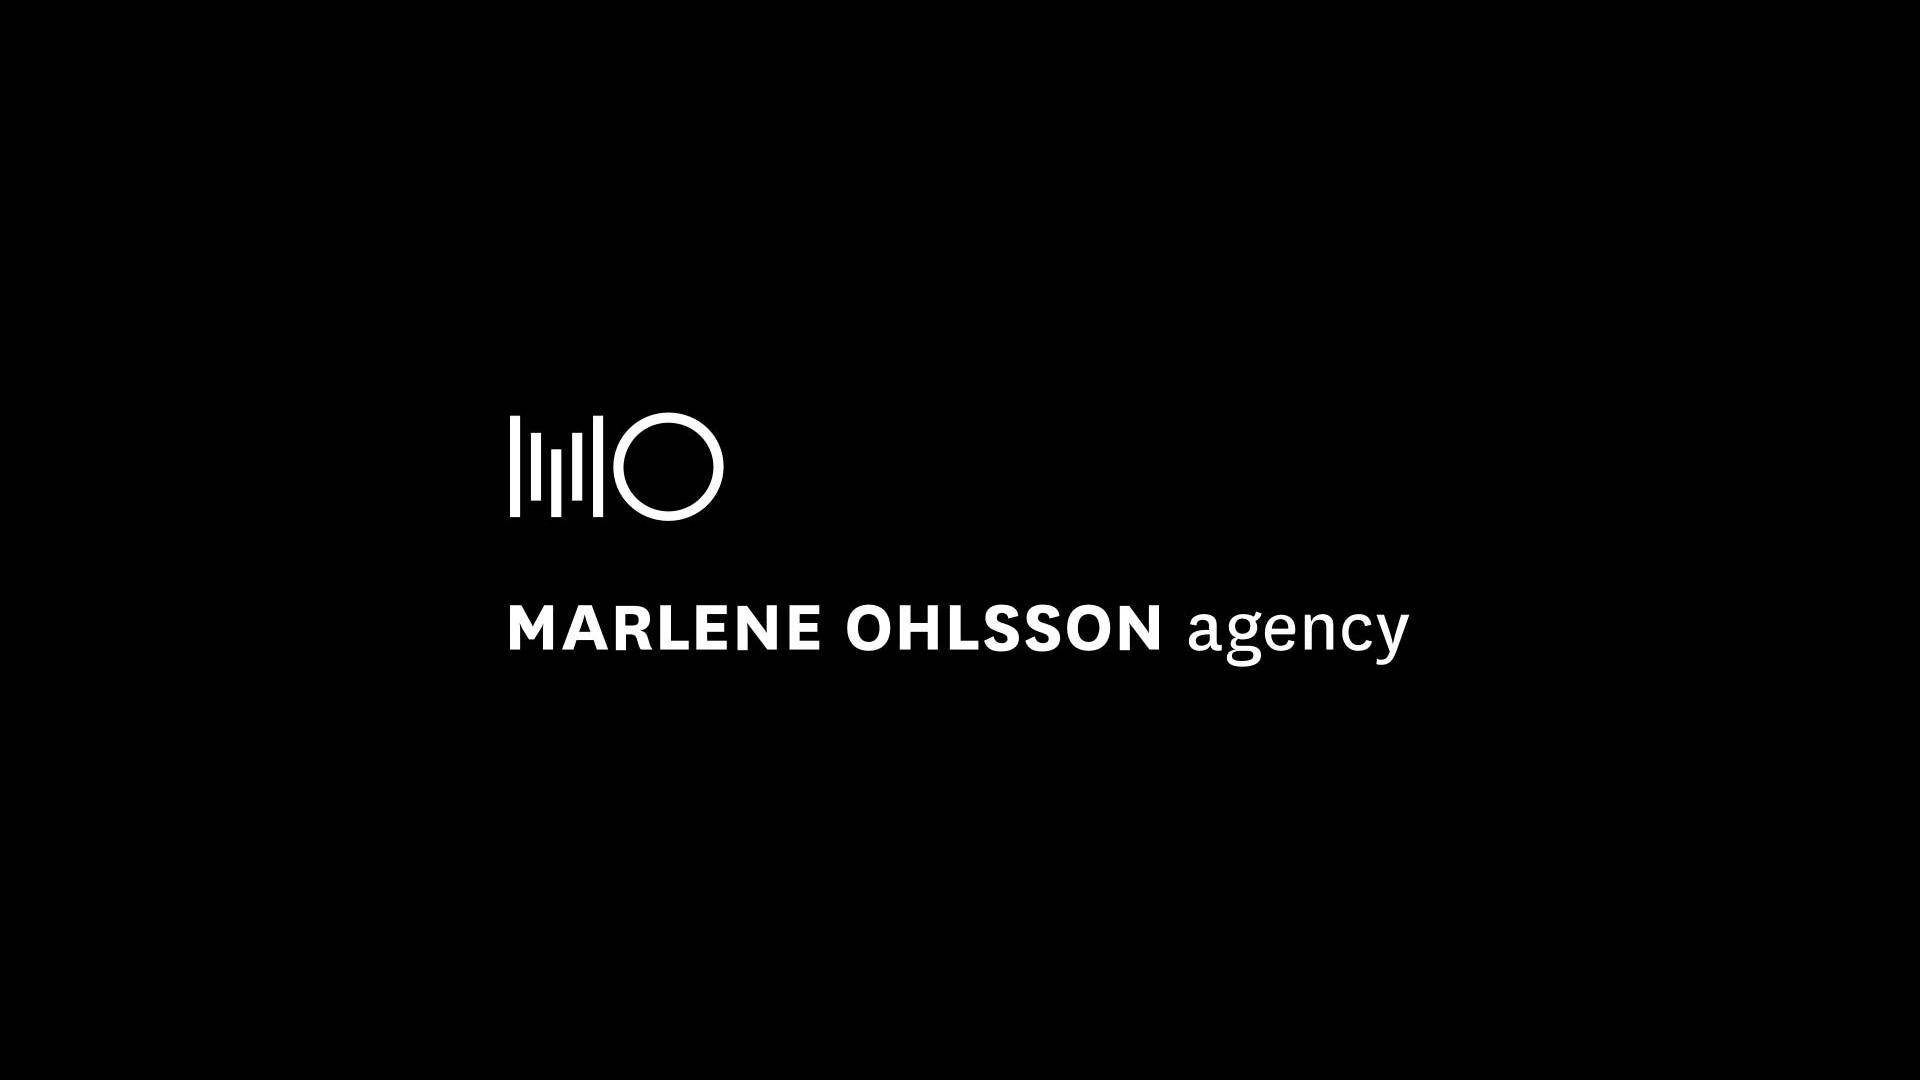 m2hs_marlene-ohlsson_marke_negativ